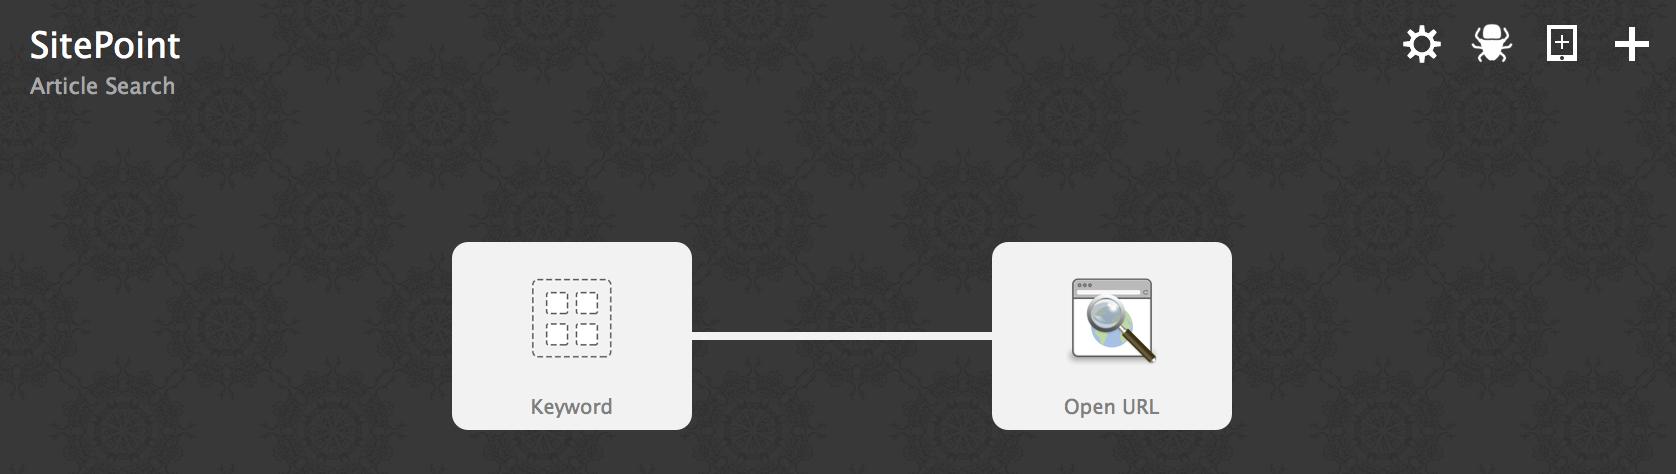 sitepoint_workflow_nodes